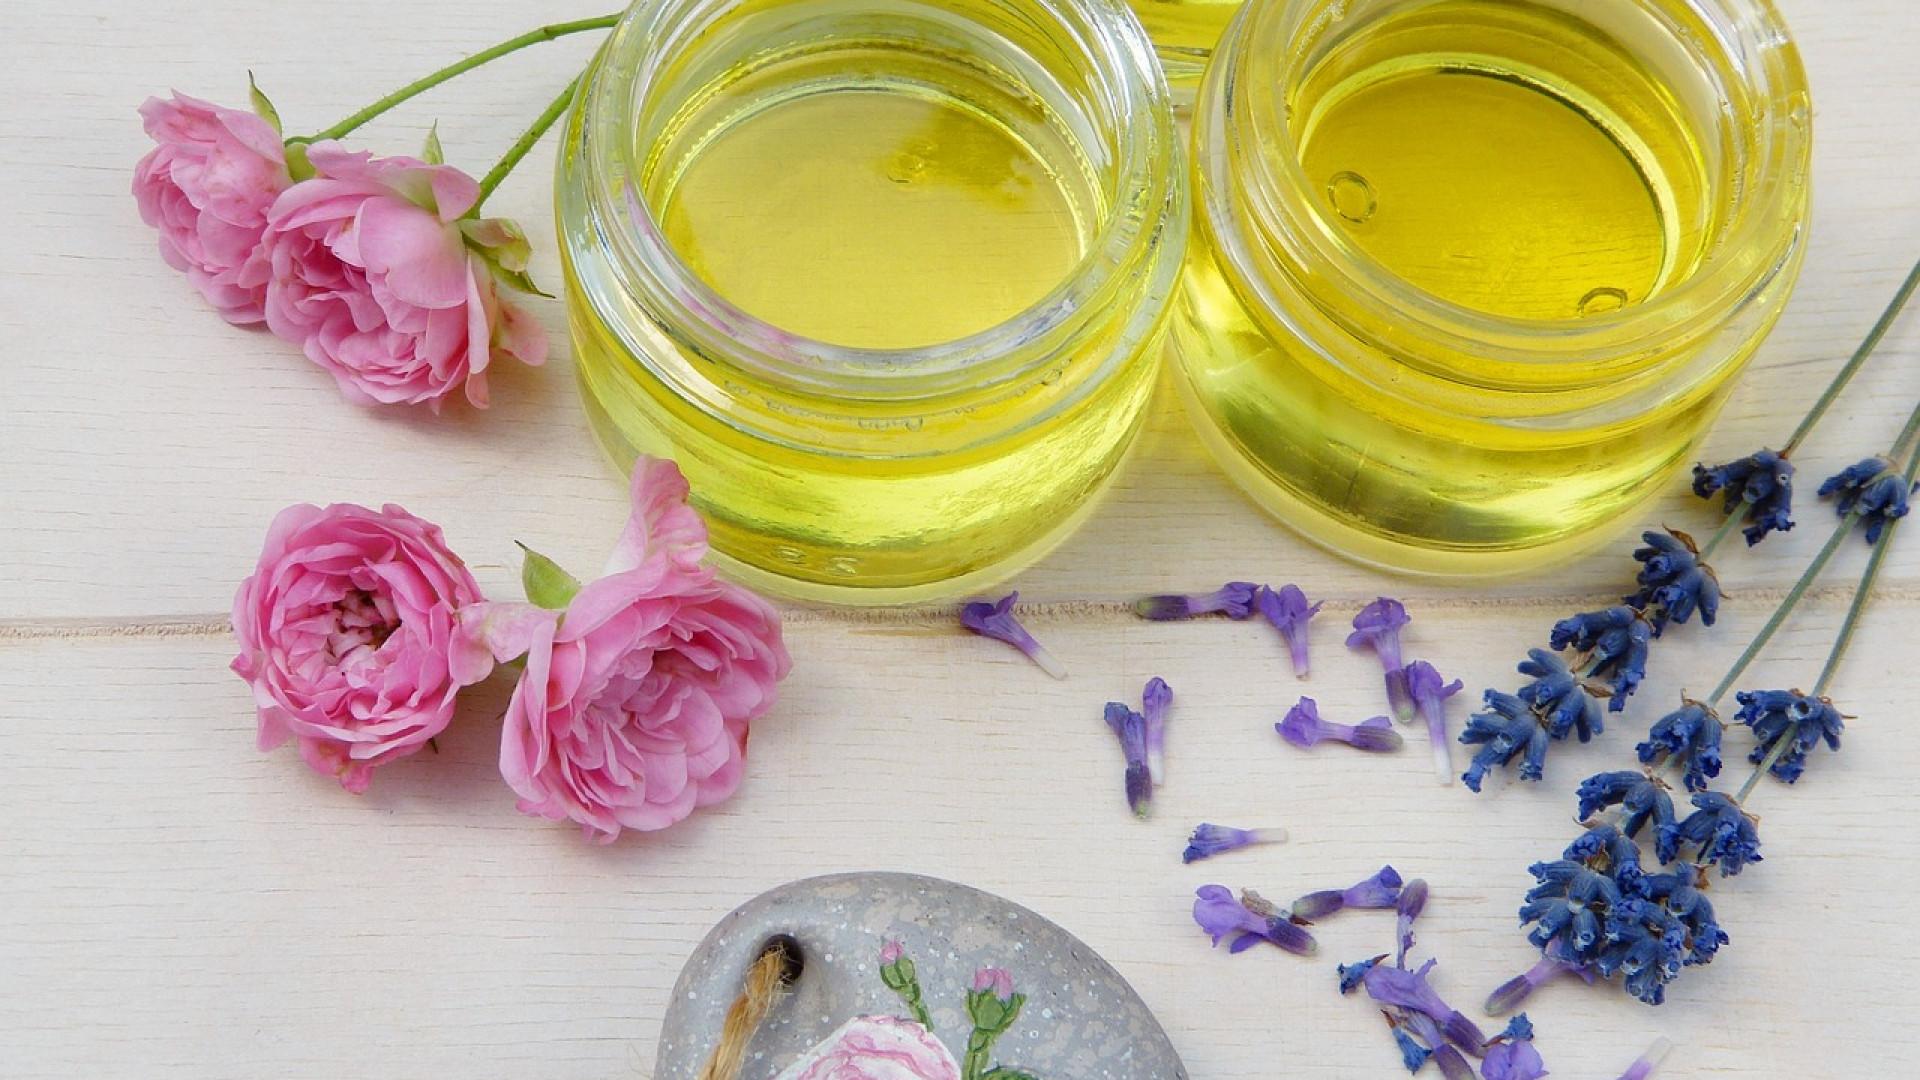 Comment soigner son animal grâce aux huiles essentielles ?